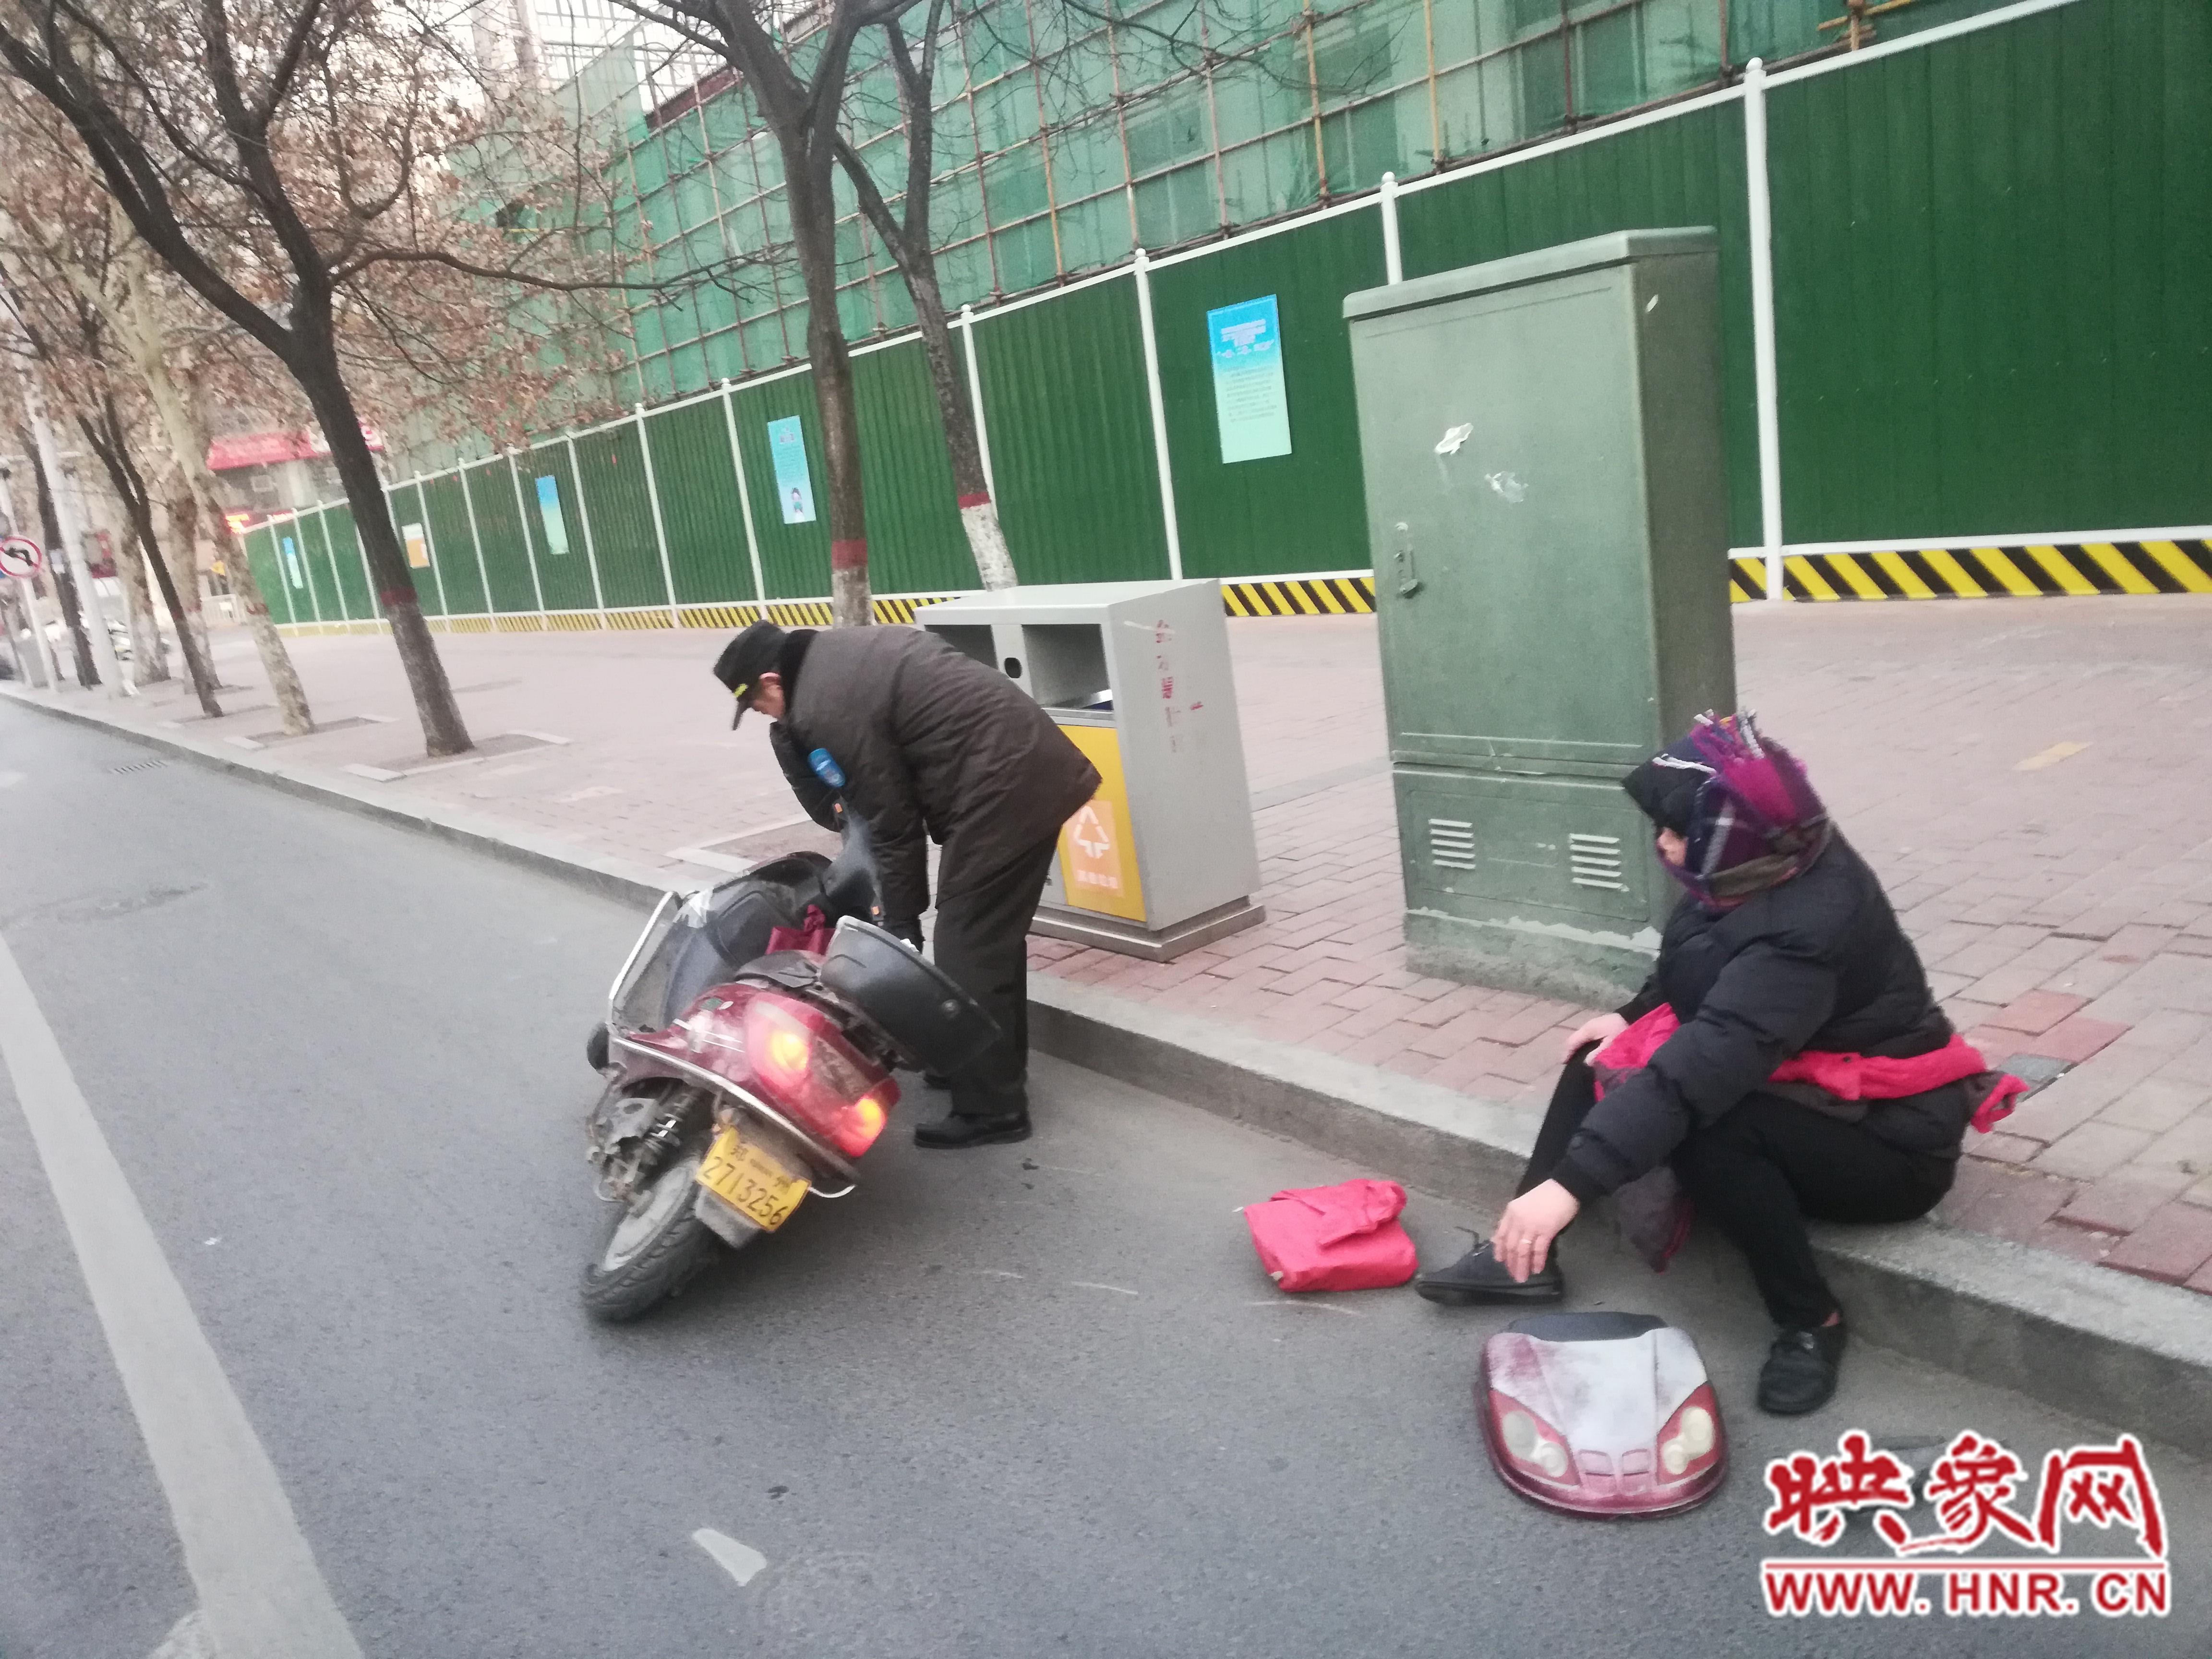 白天招待客人晚上饭店又忙一夜 郑州女子骑电动车睡着摔伤